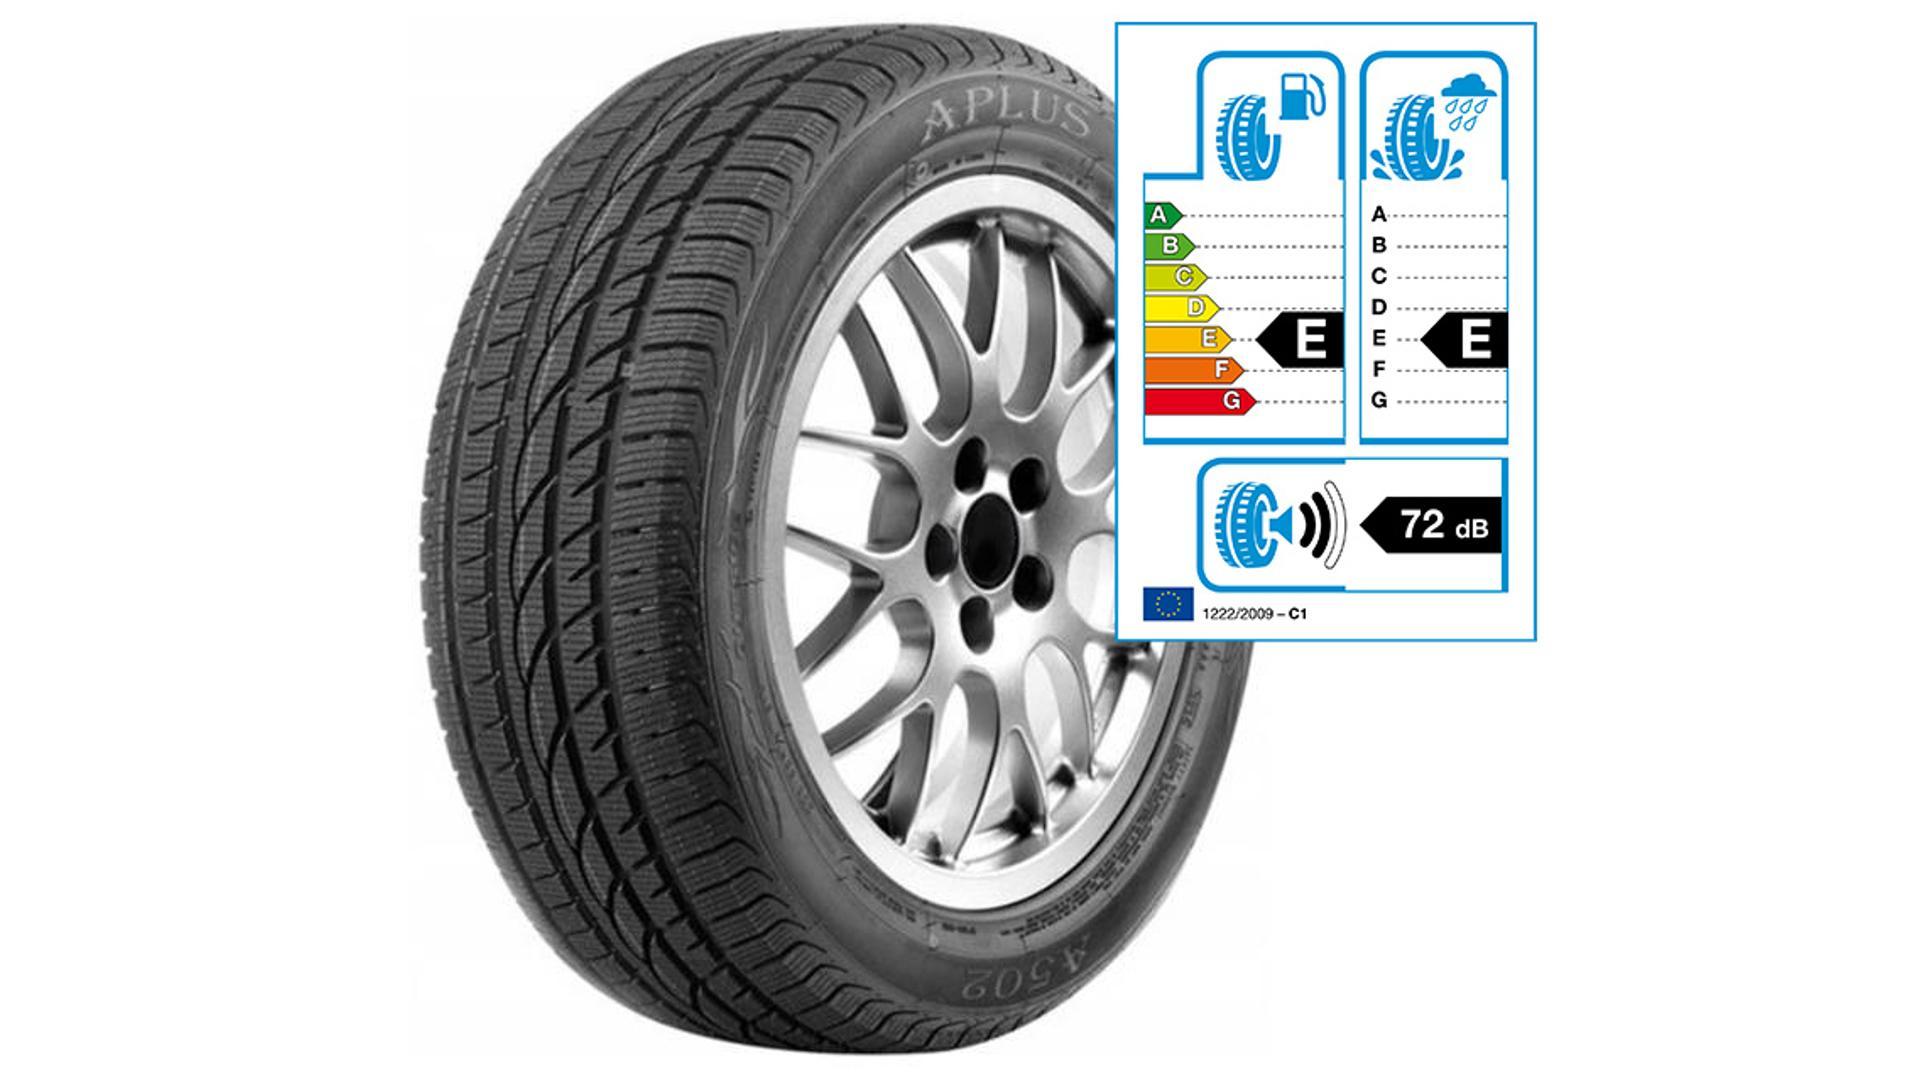 A502 Zimná pneumatika 195/65R15 95TXL